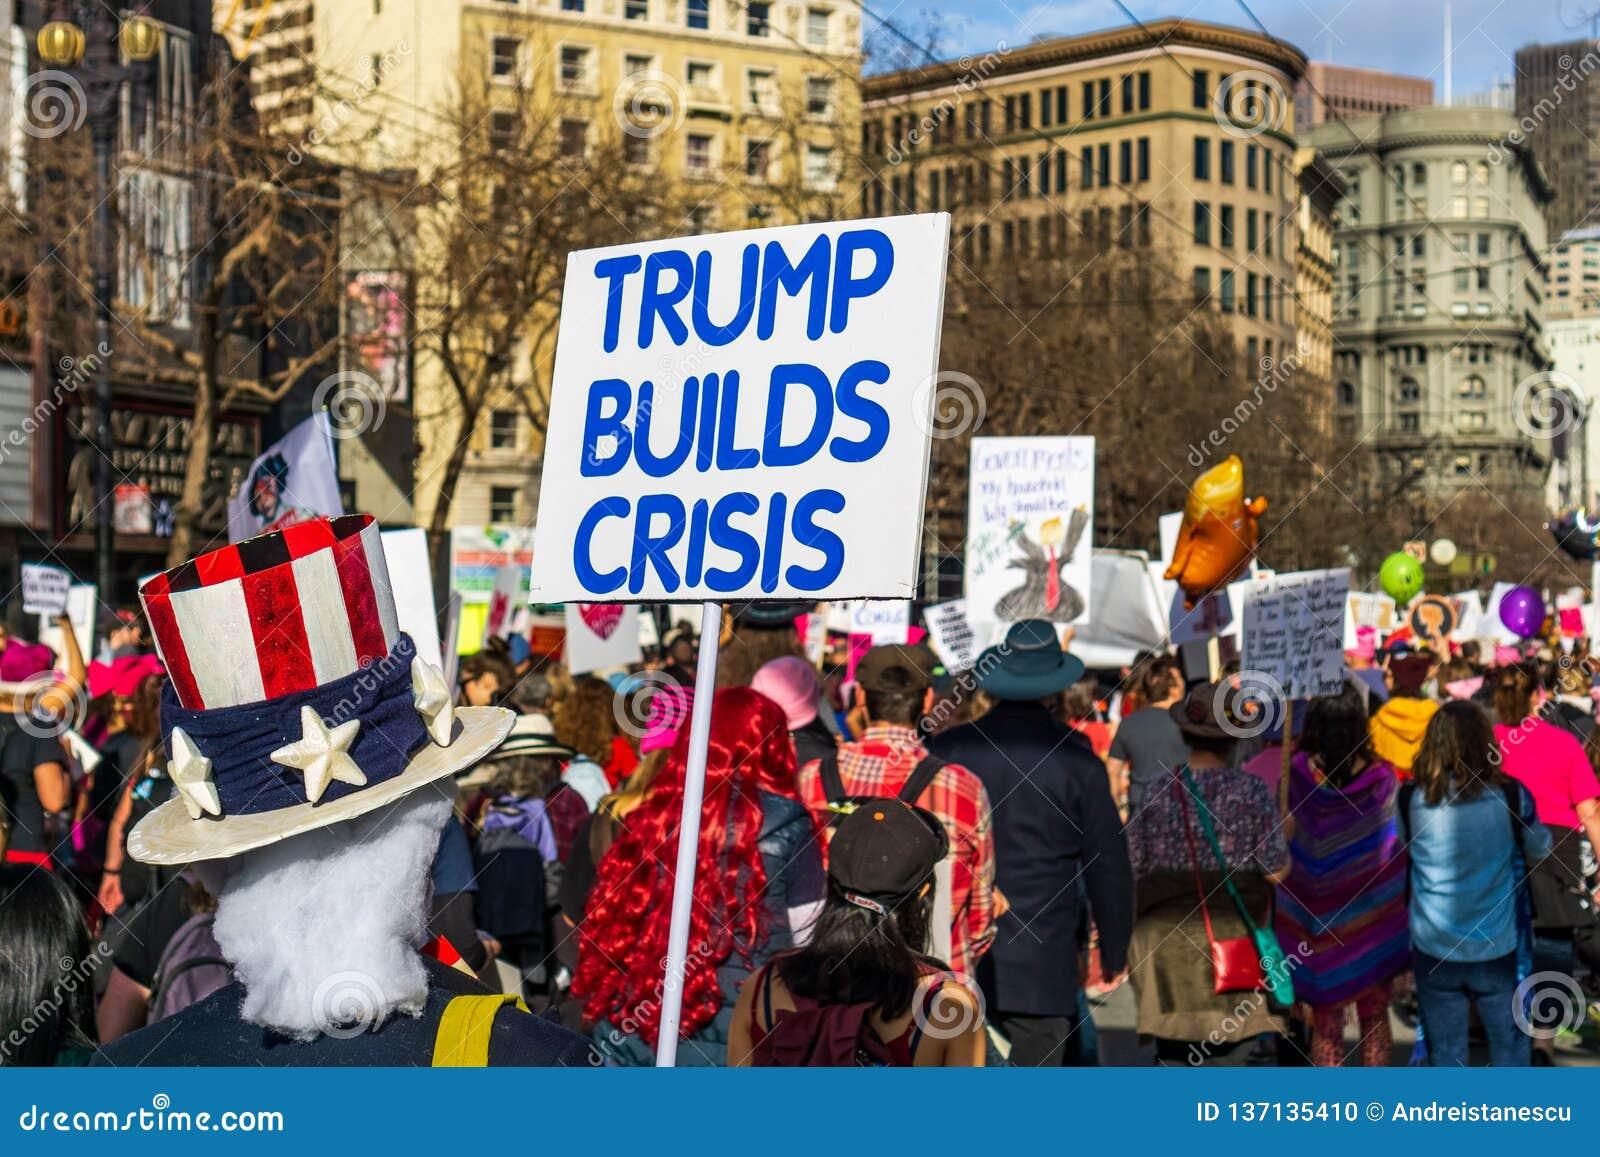 2019年1月19日旧金山/加州/美国-妇女的3月'王牌建立危机的标志